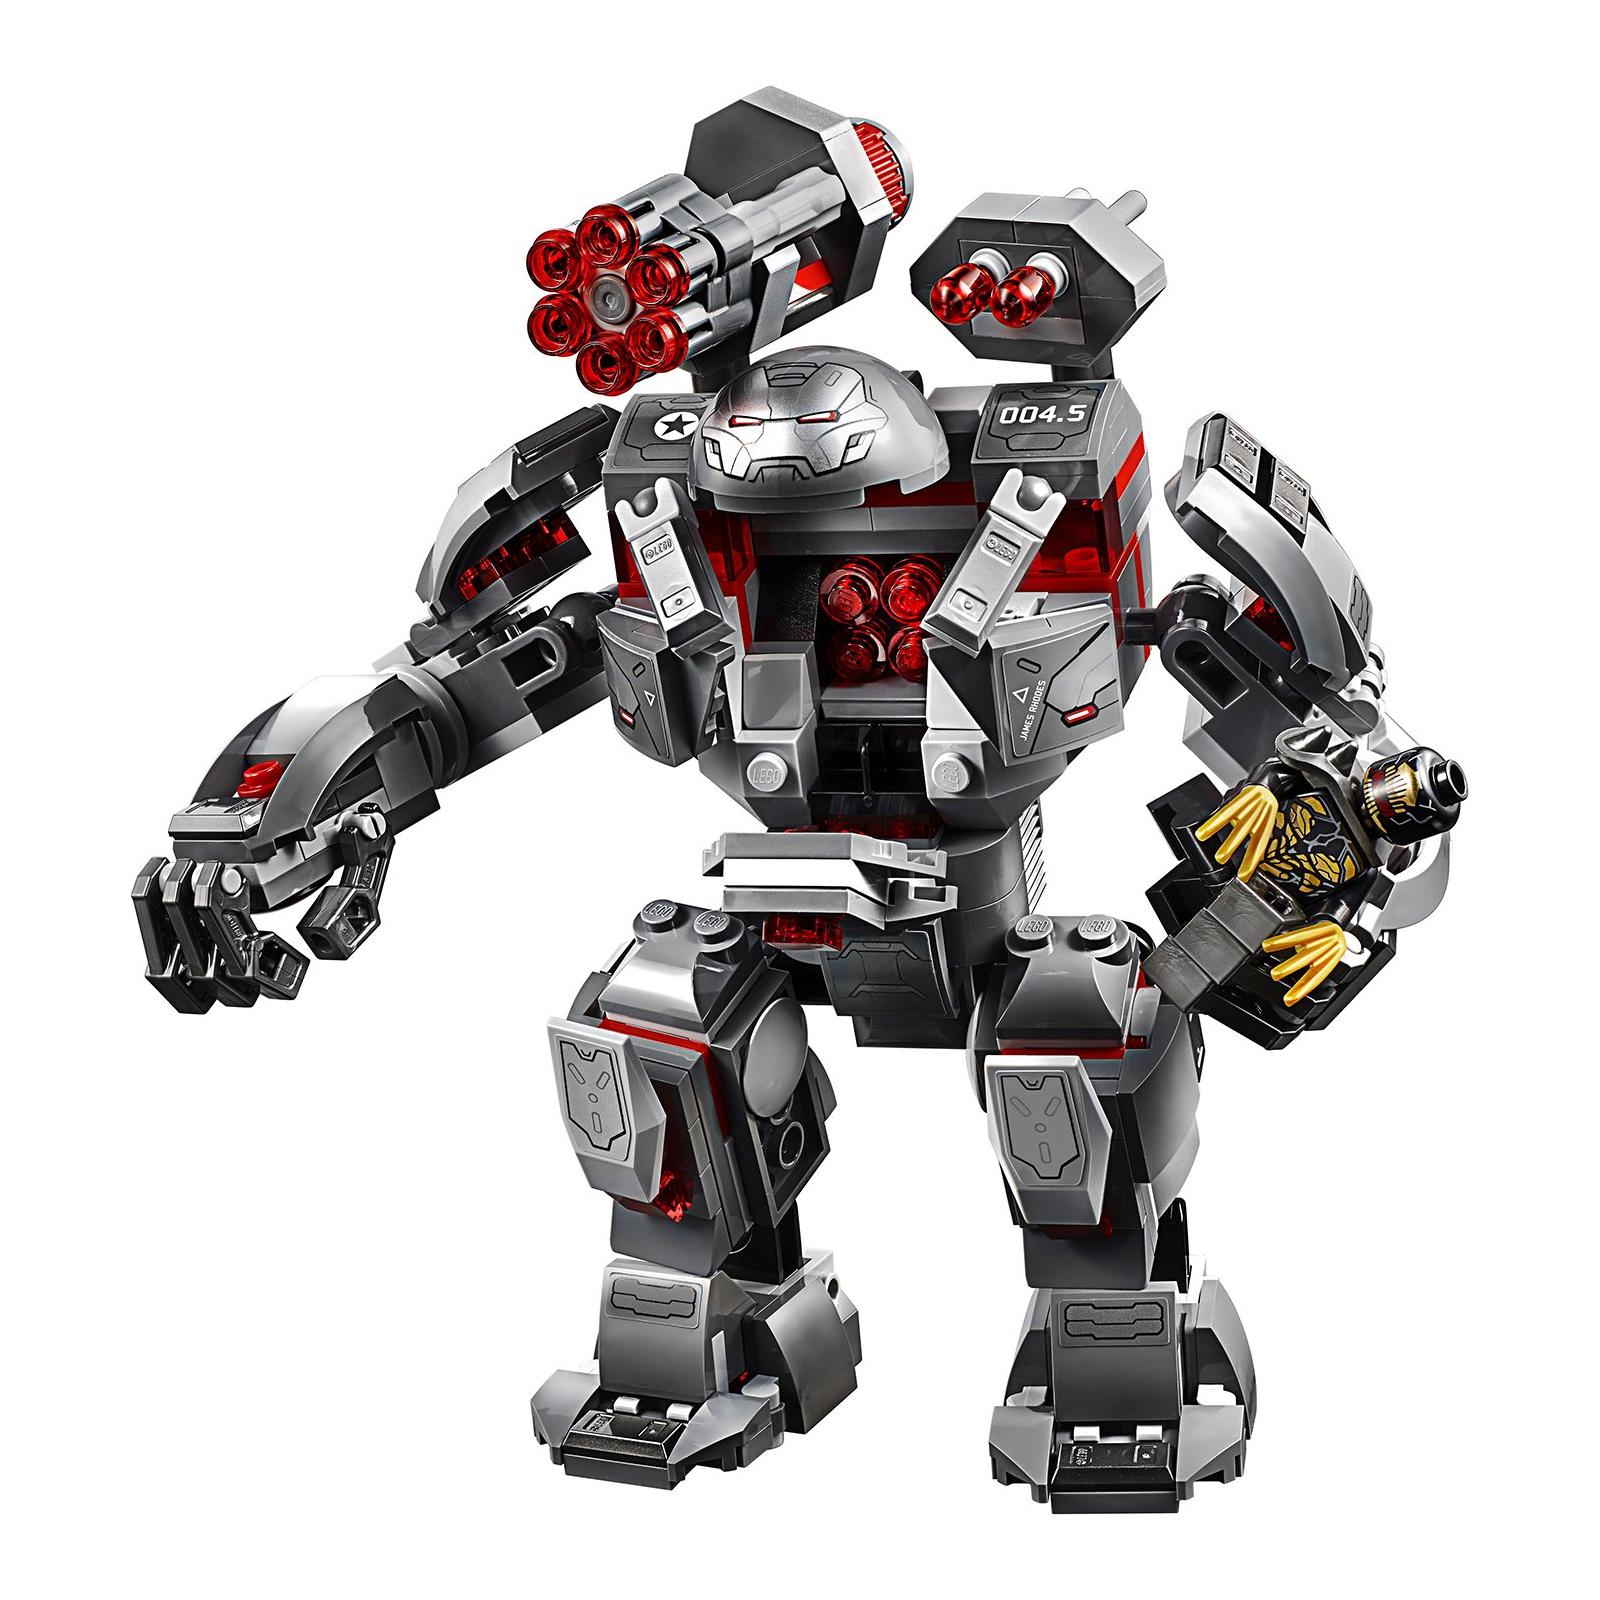 Конструктор LEGO Super Heroes Marvel Comics Воитель 362 детали (76124) изображение 3